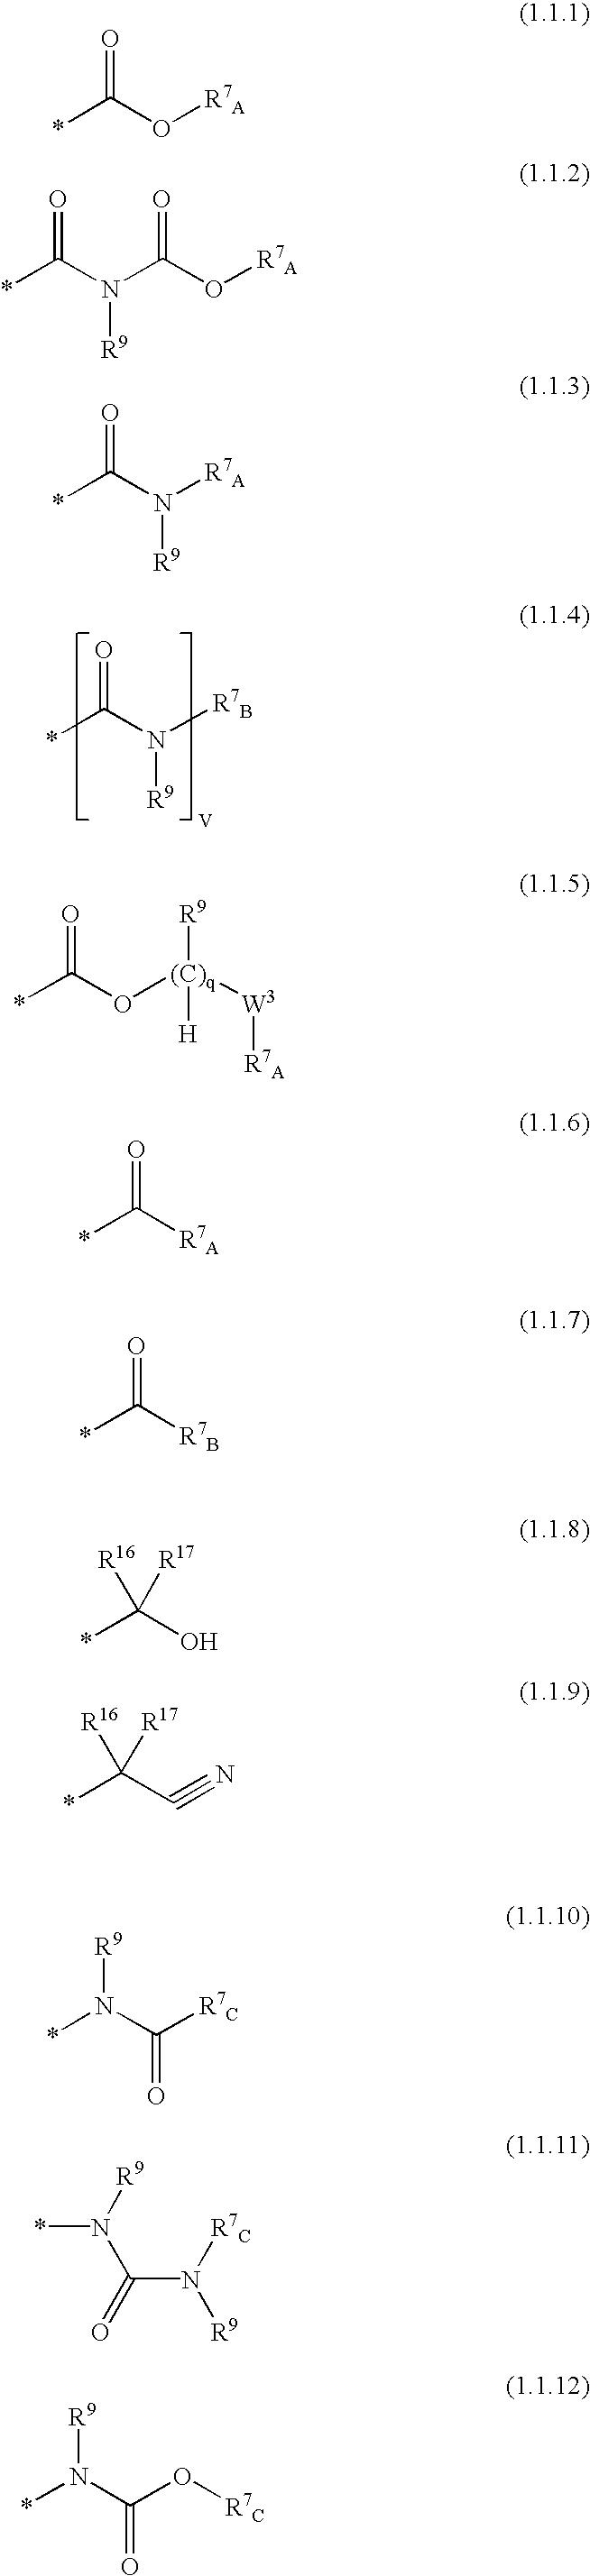 Figure US20020123520A1-20020905-C00177